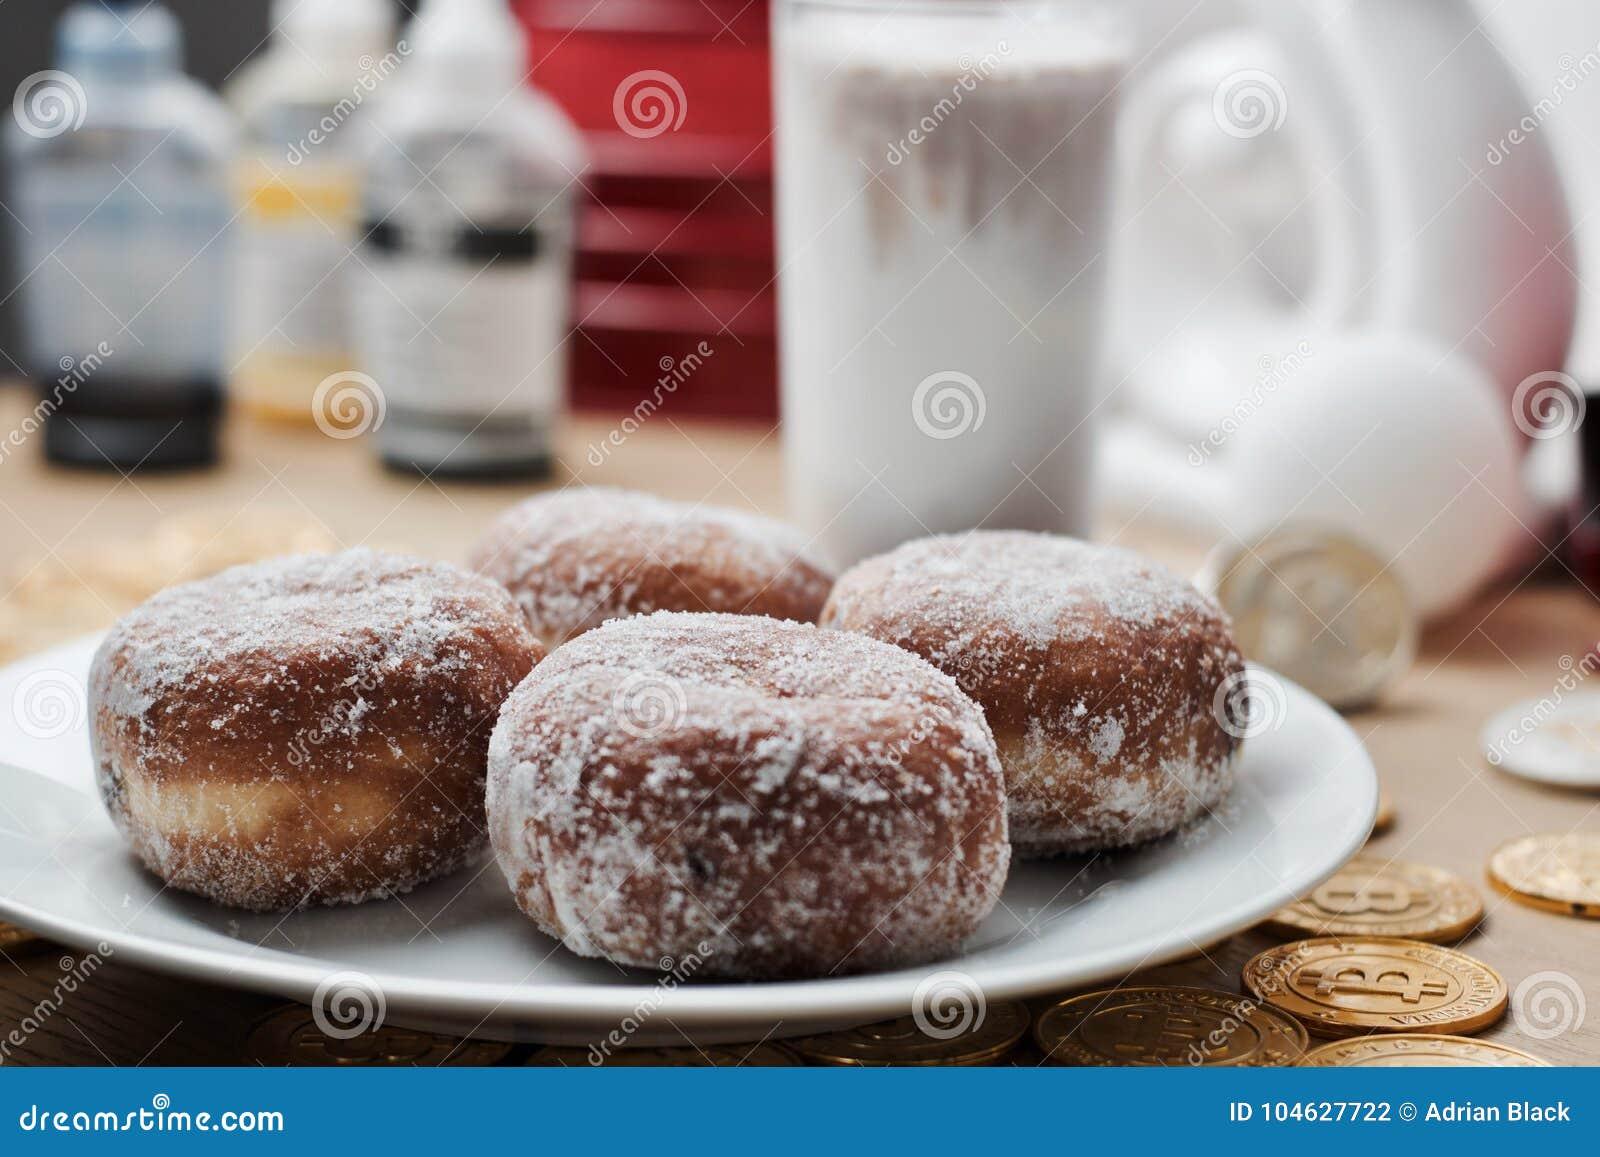 Download Verse En Smakelijke Doughnuts Stock Foto - Afbeelding bestaande uit voedsel, diner: 104627722